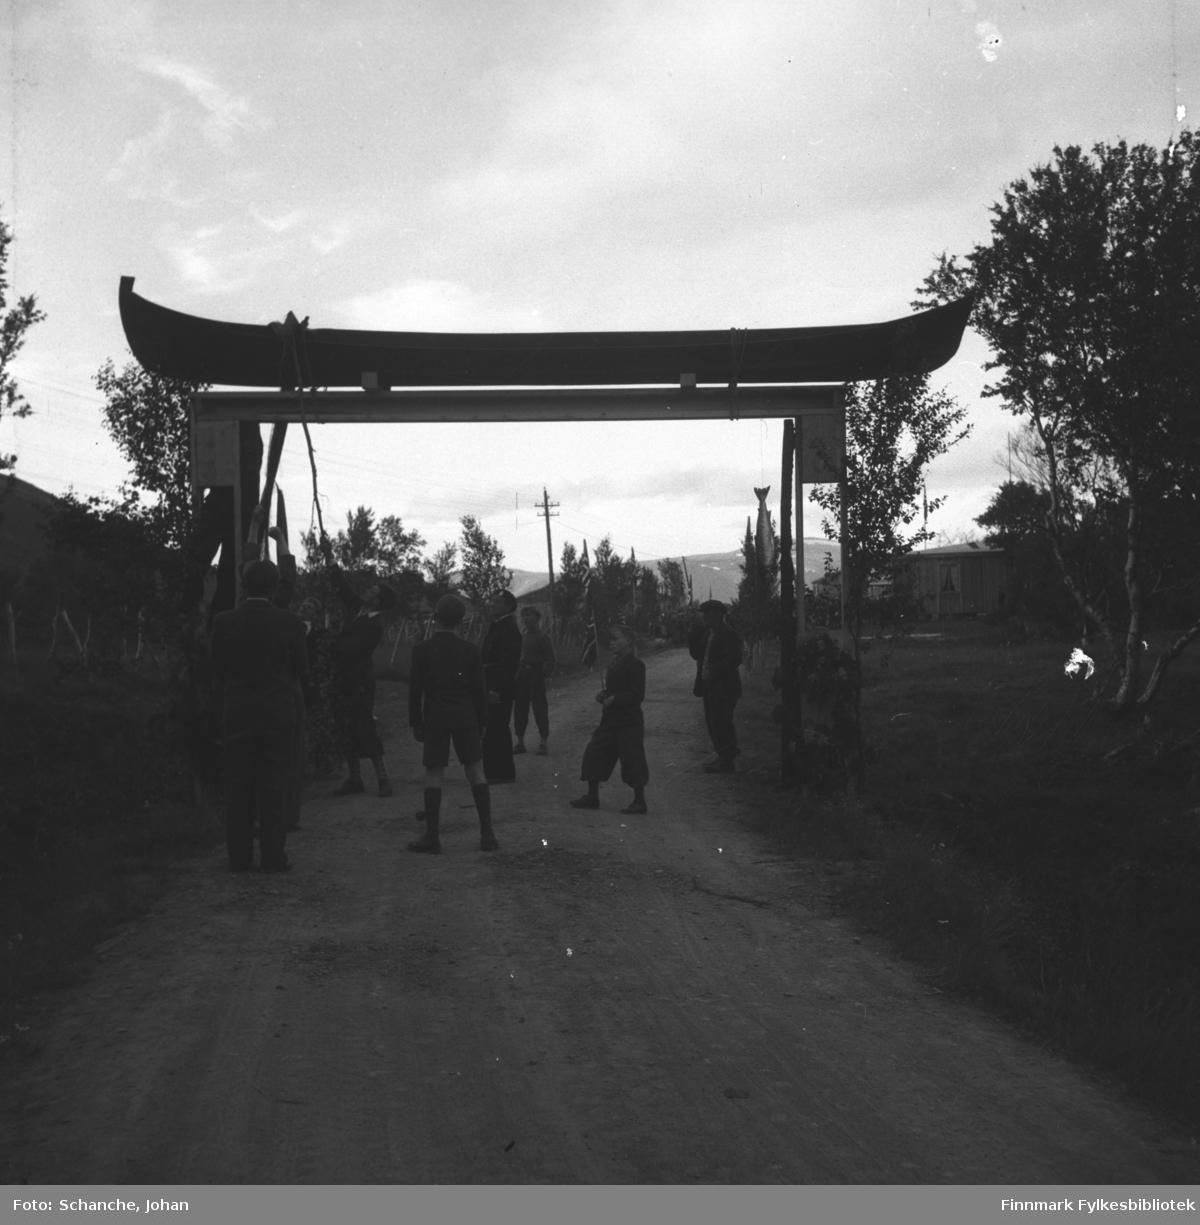 Kongebesøk: Kong Haakon VII besøker Tana.  Ã¿resport i Tana. En elvebåt ligger på toppen av porten. En gruppe unge gutter pynterporten med fisk (tørrfisk ?).